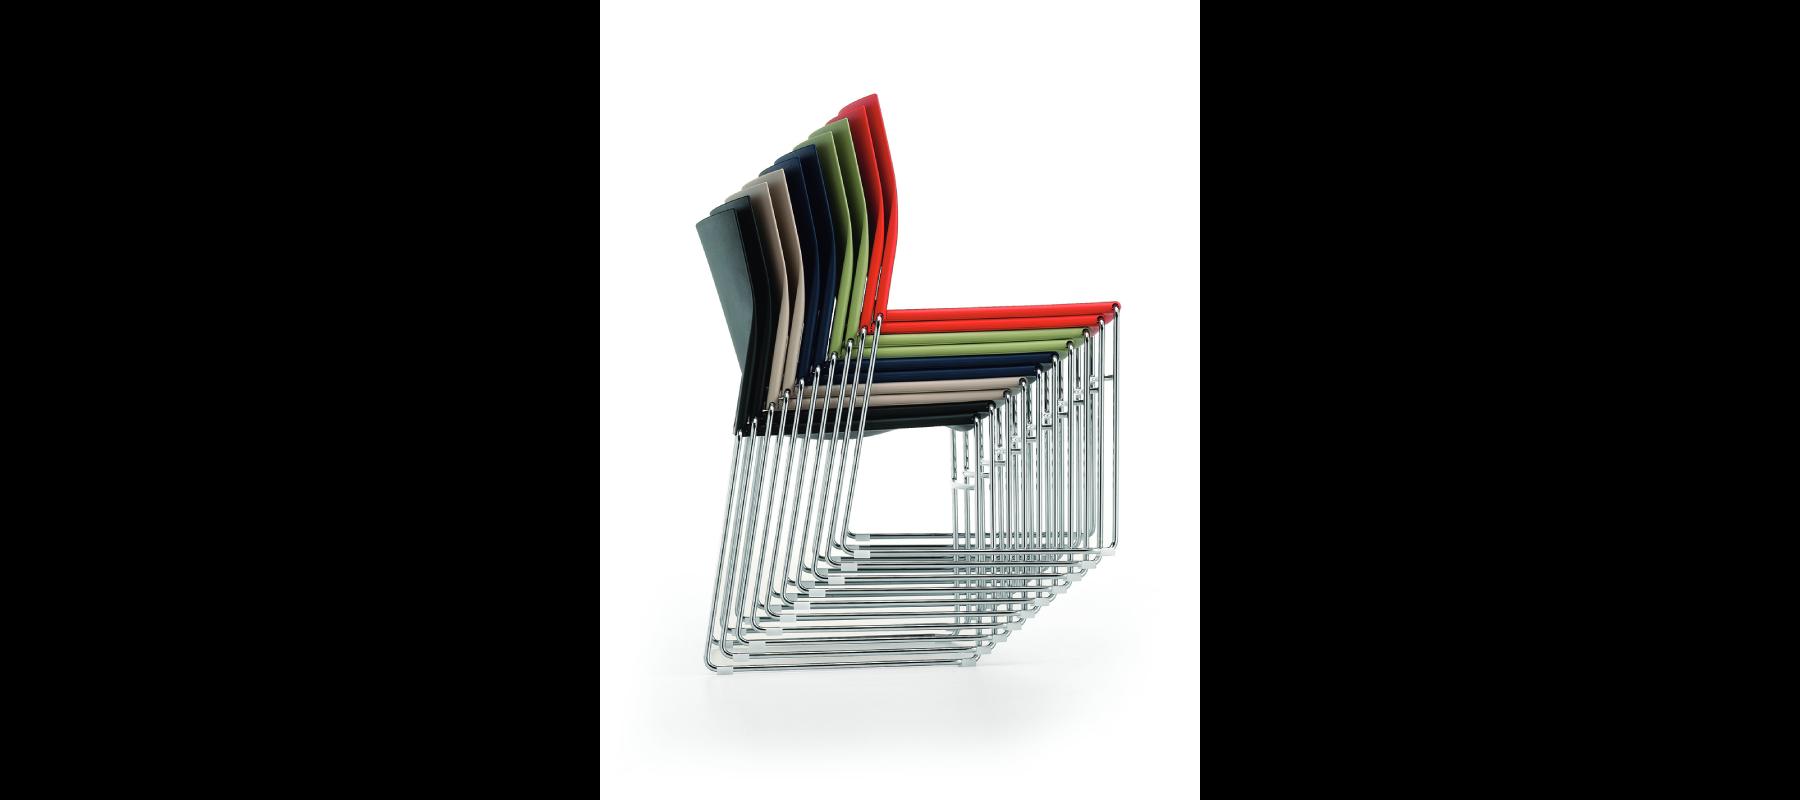 krzesła konferencyjne ariz detale - 02